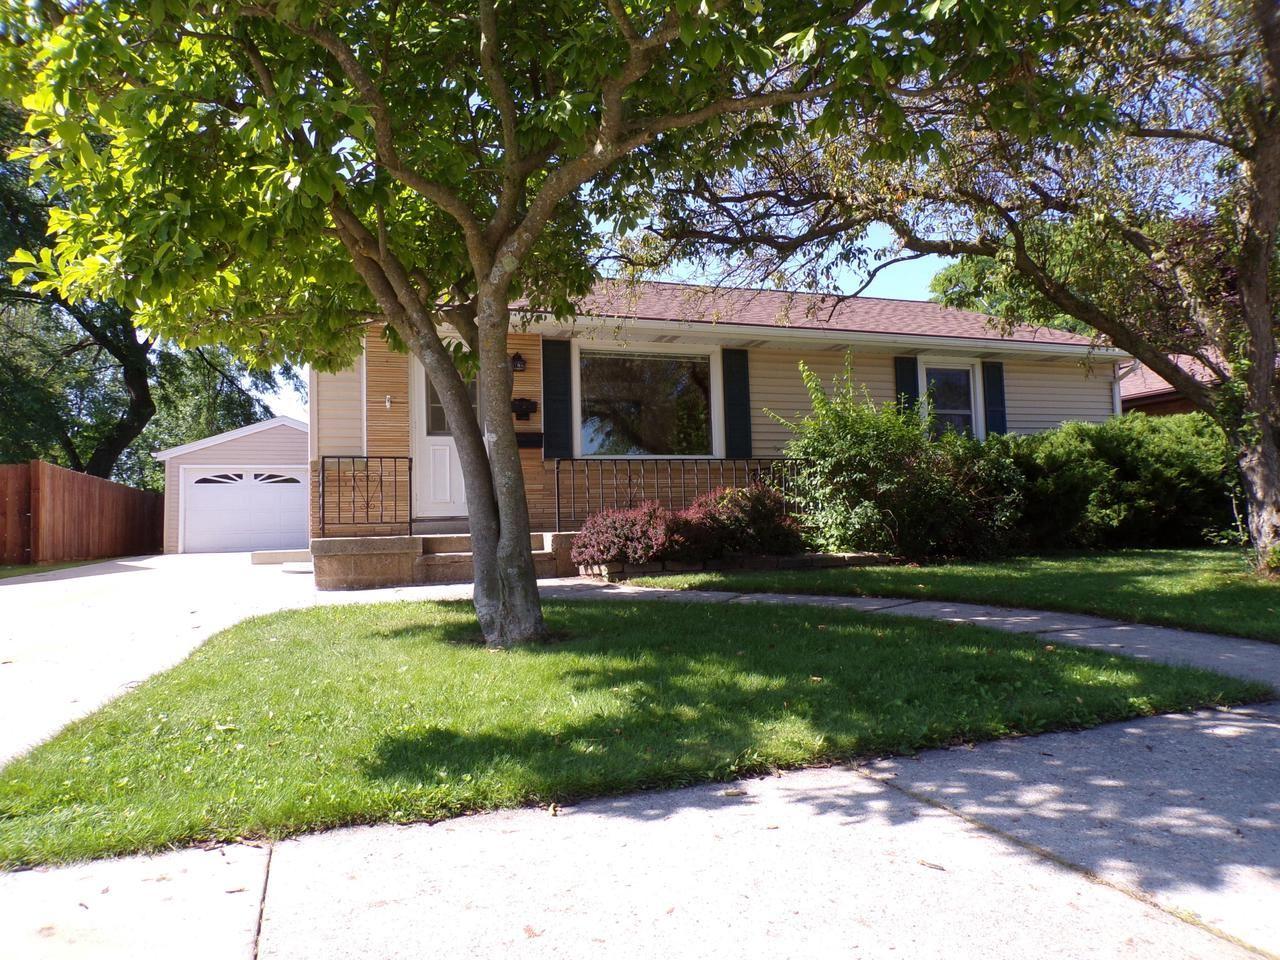 1627 Mead Ave, Sheboygan, WI 53081 - MLS#: 1697837